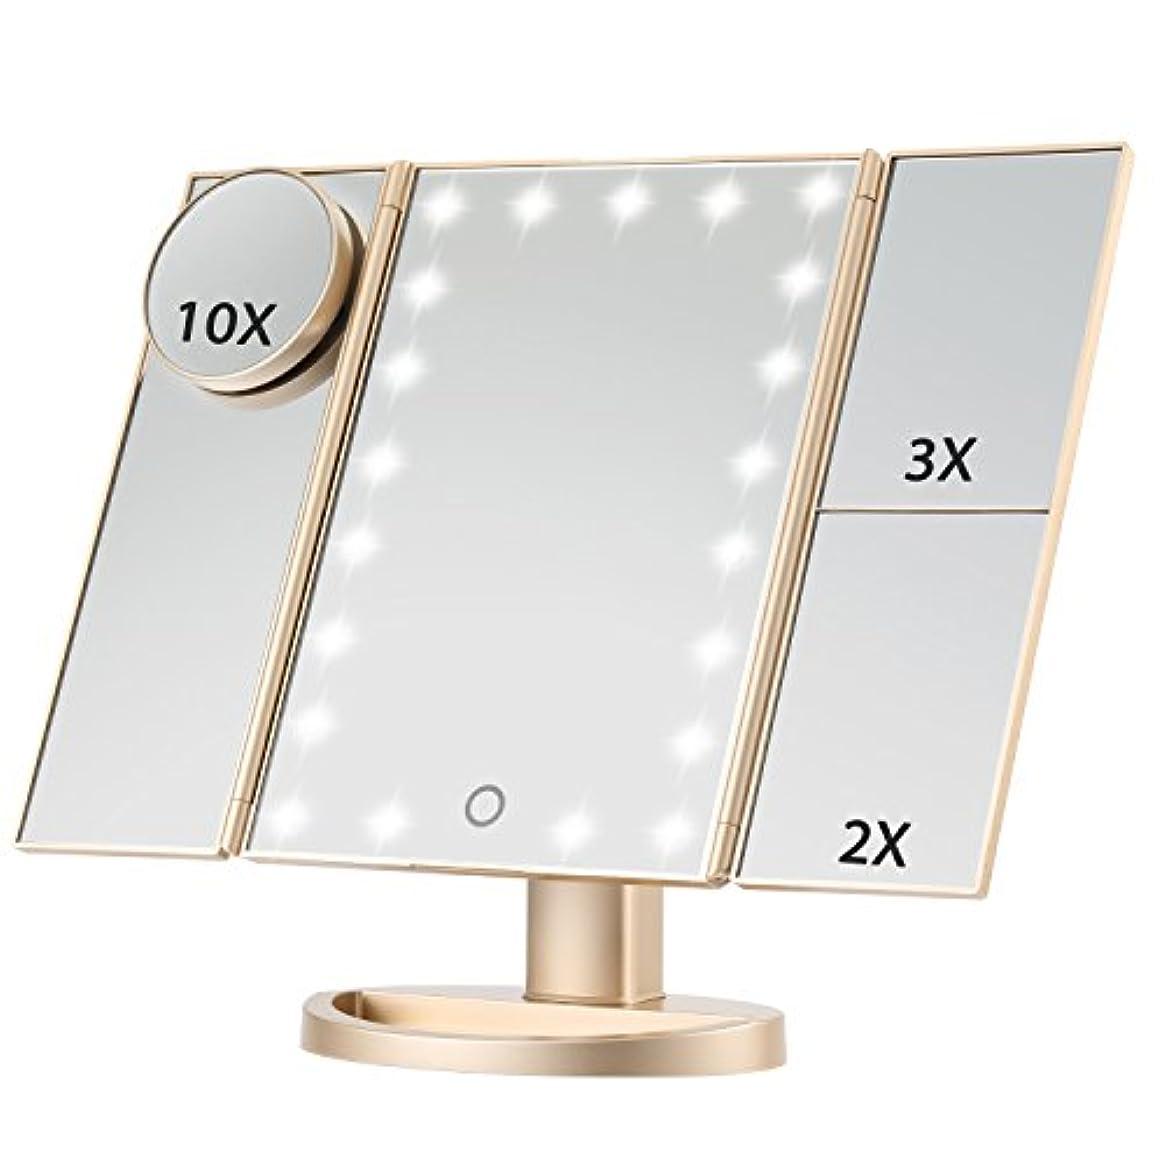 病んでいる湿度理容師Magicfly 化粧鏡 LED三面鏡 ミラー 折り畳み式 10X /3X/2X拡大鏡付き 明るさ調節可能180°回転 電池/USB 2WAY給電 (ゴルード)